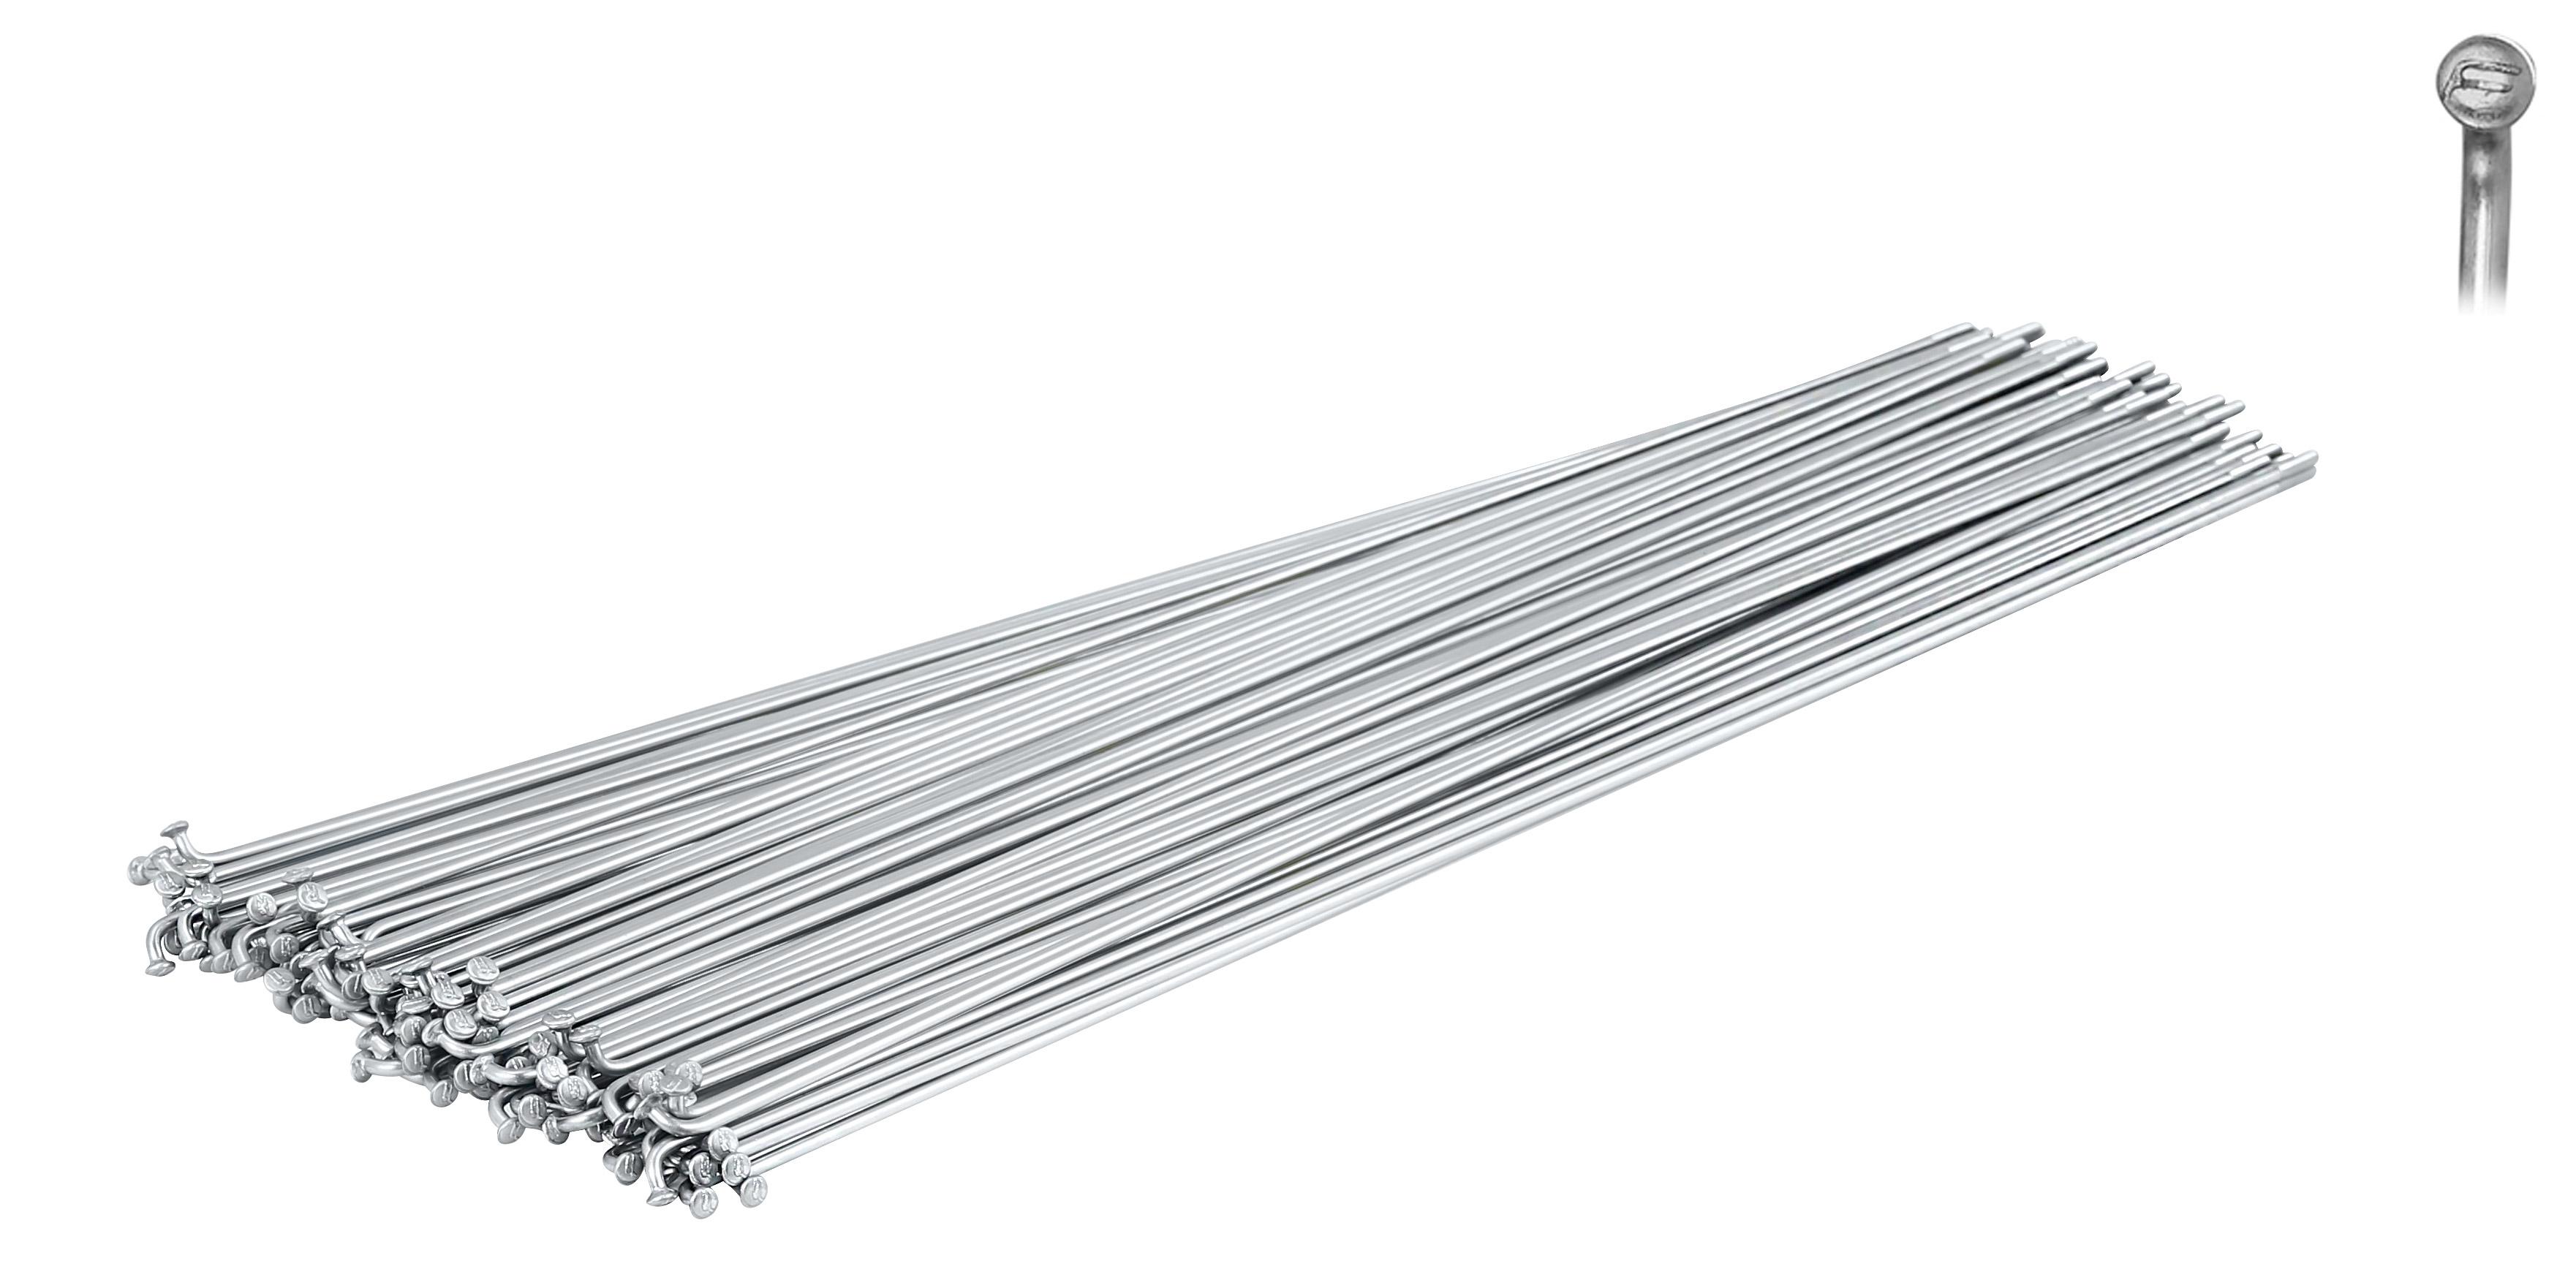 dráty FORCE nerez stříbrné 2 mm x 294 mm